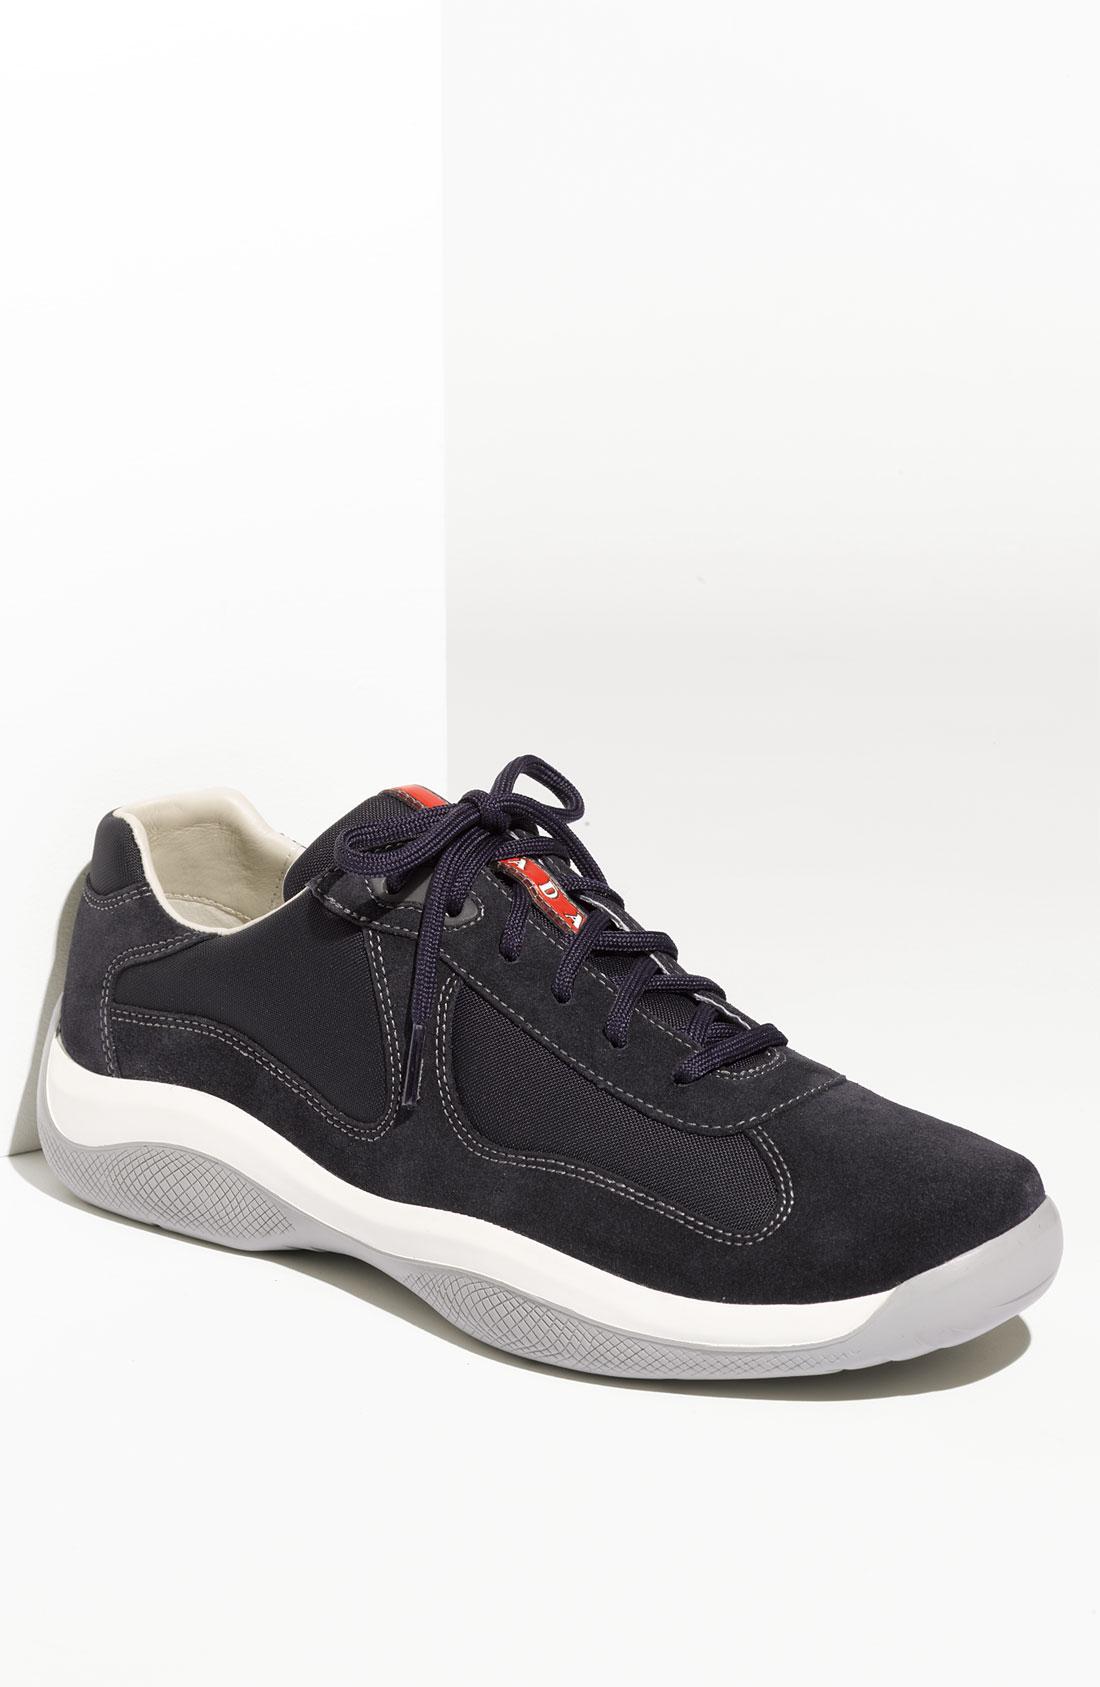 Cheap Prada Men S Shoes